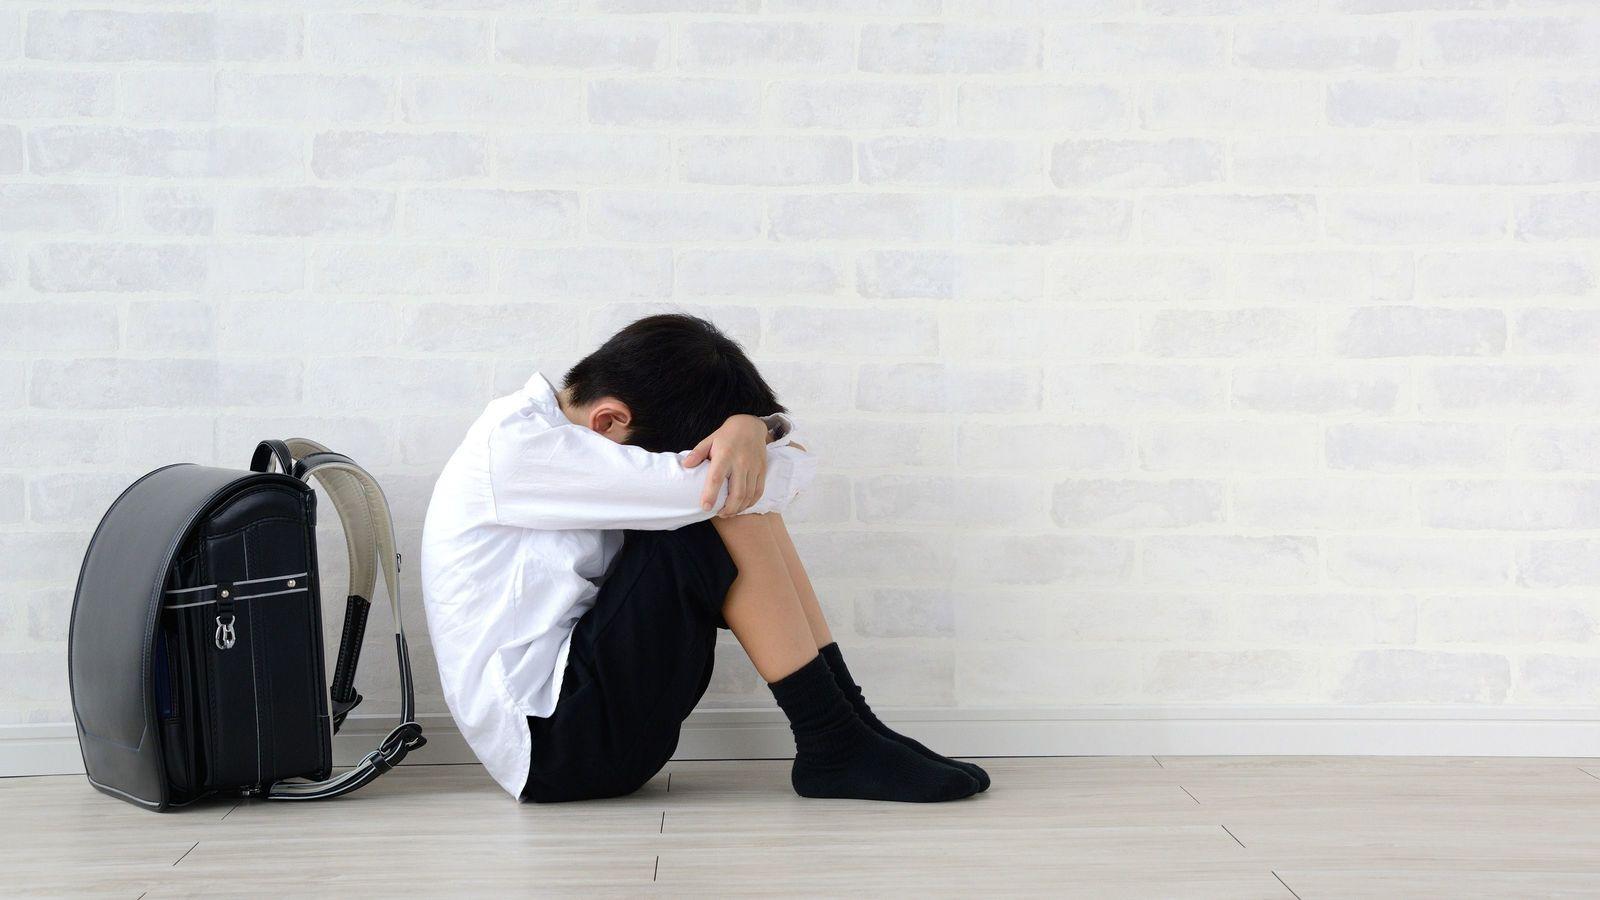 努力家で高学歴な両親が陥る「教育虐待」のワナ 「頑張ればできる」を子に求める